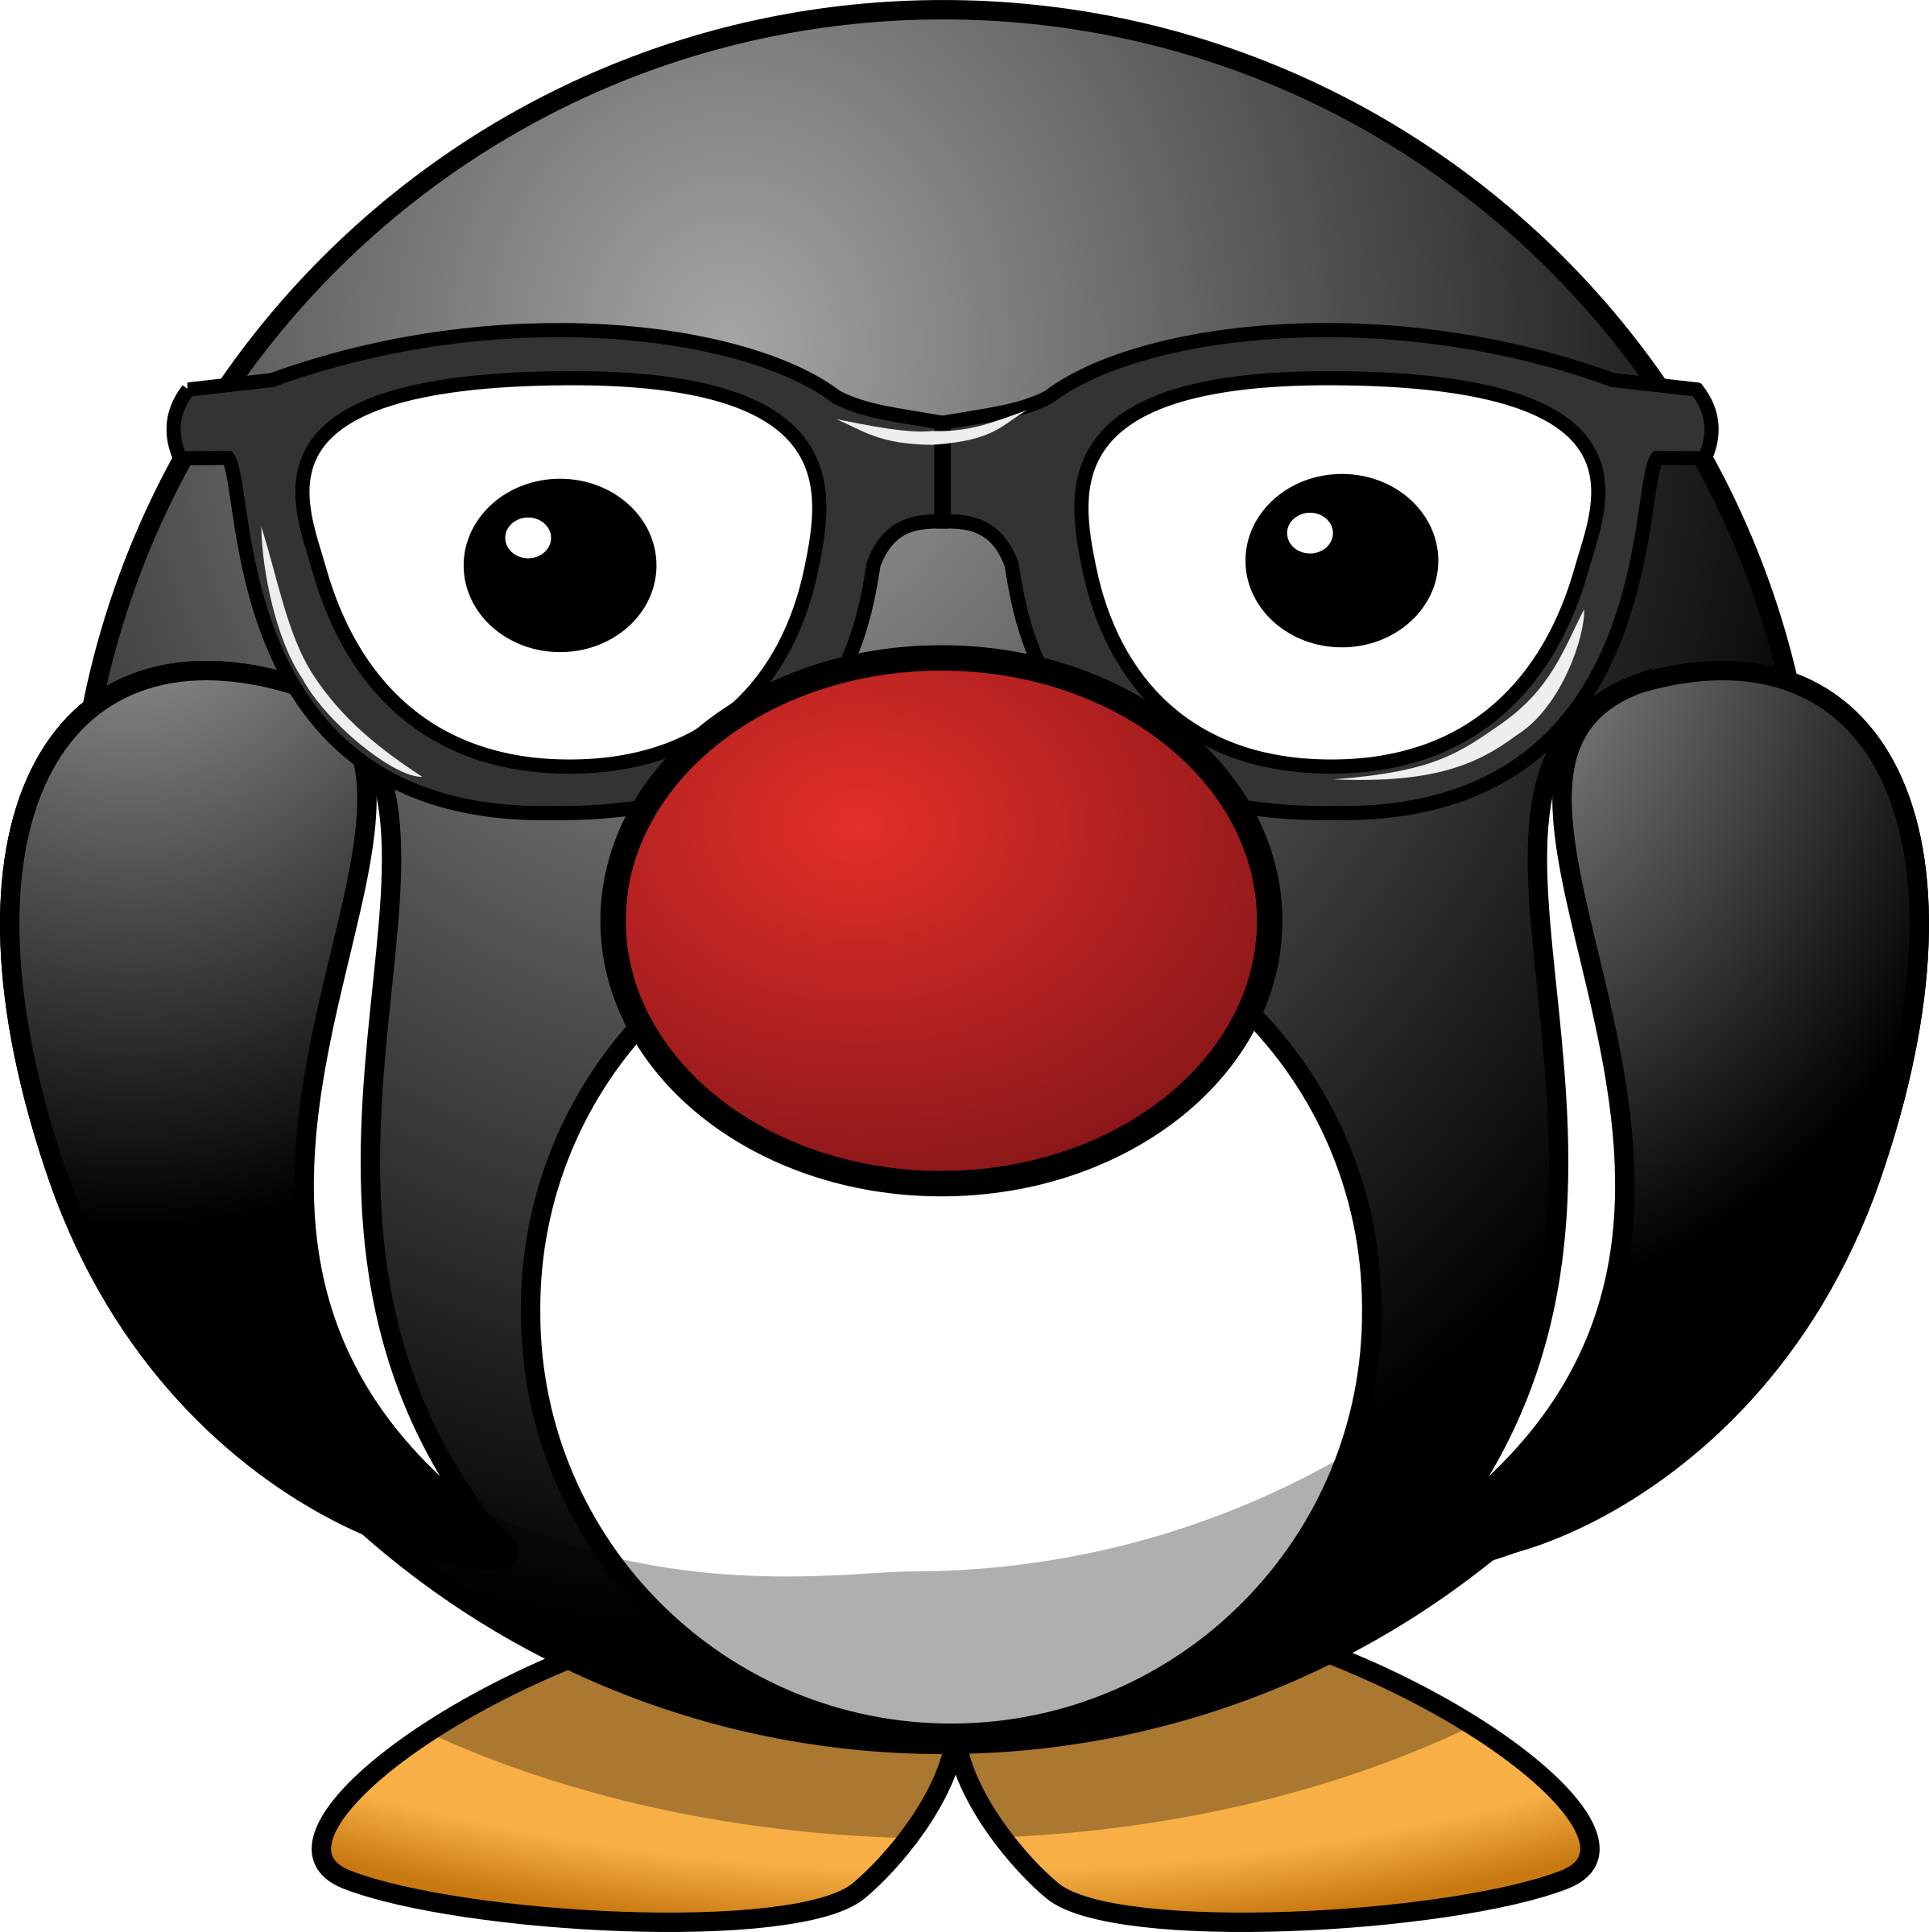 Hero clipart animal. Penguin animation cartoon bird